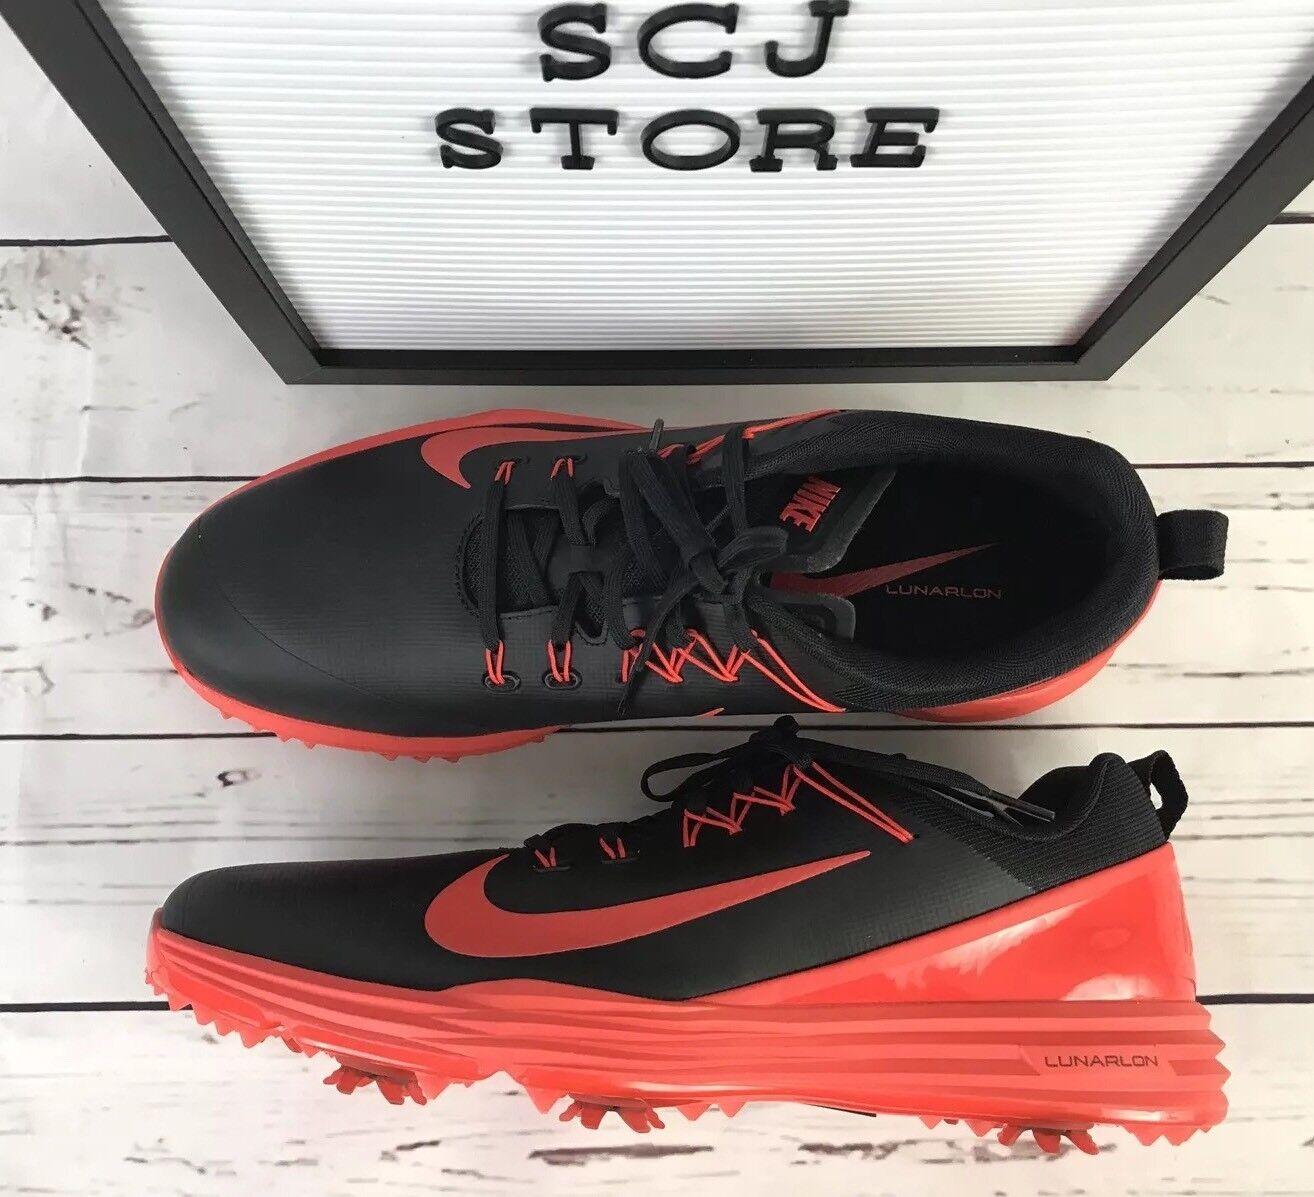 Nike lunar comando oro 2 oro comando Uomo scarpe arancioni nero 849968 - 46 6c3785